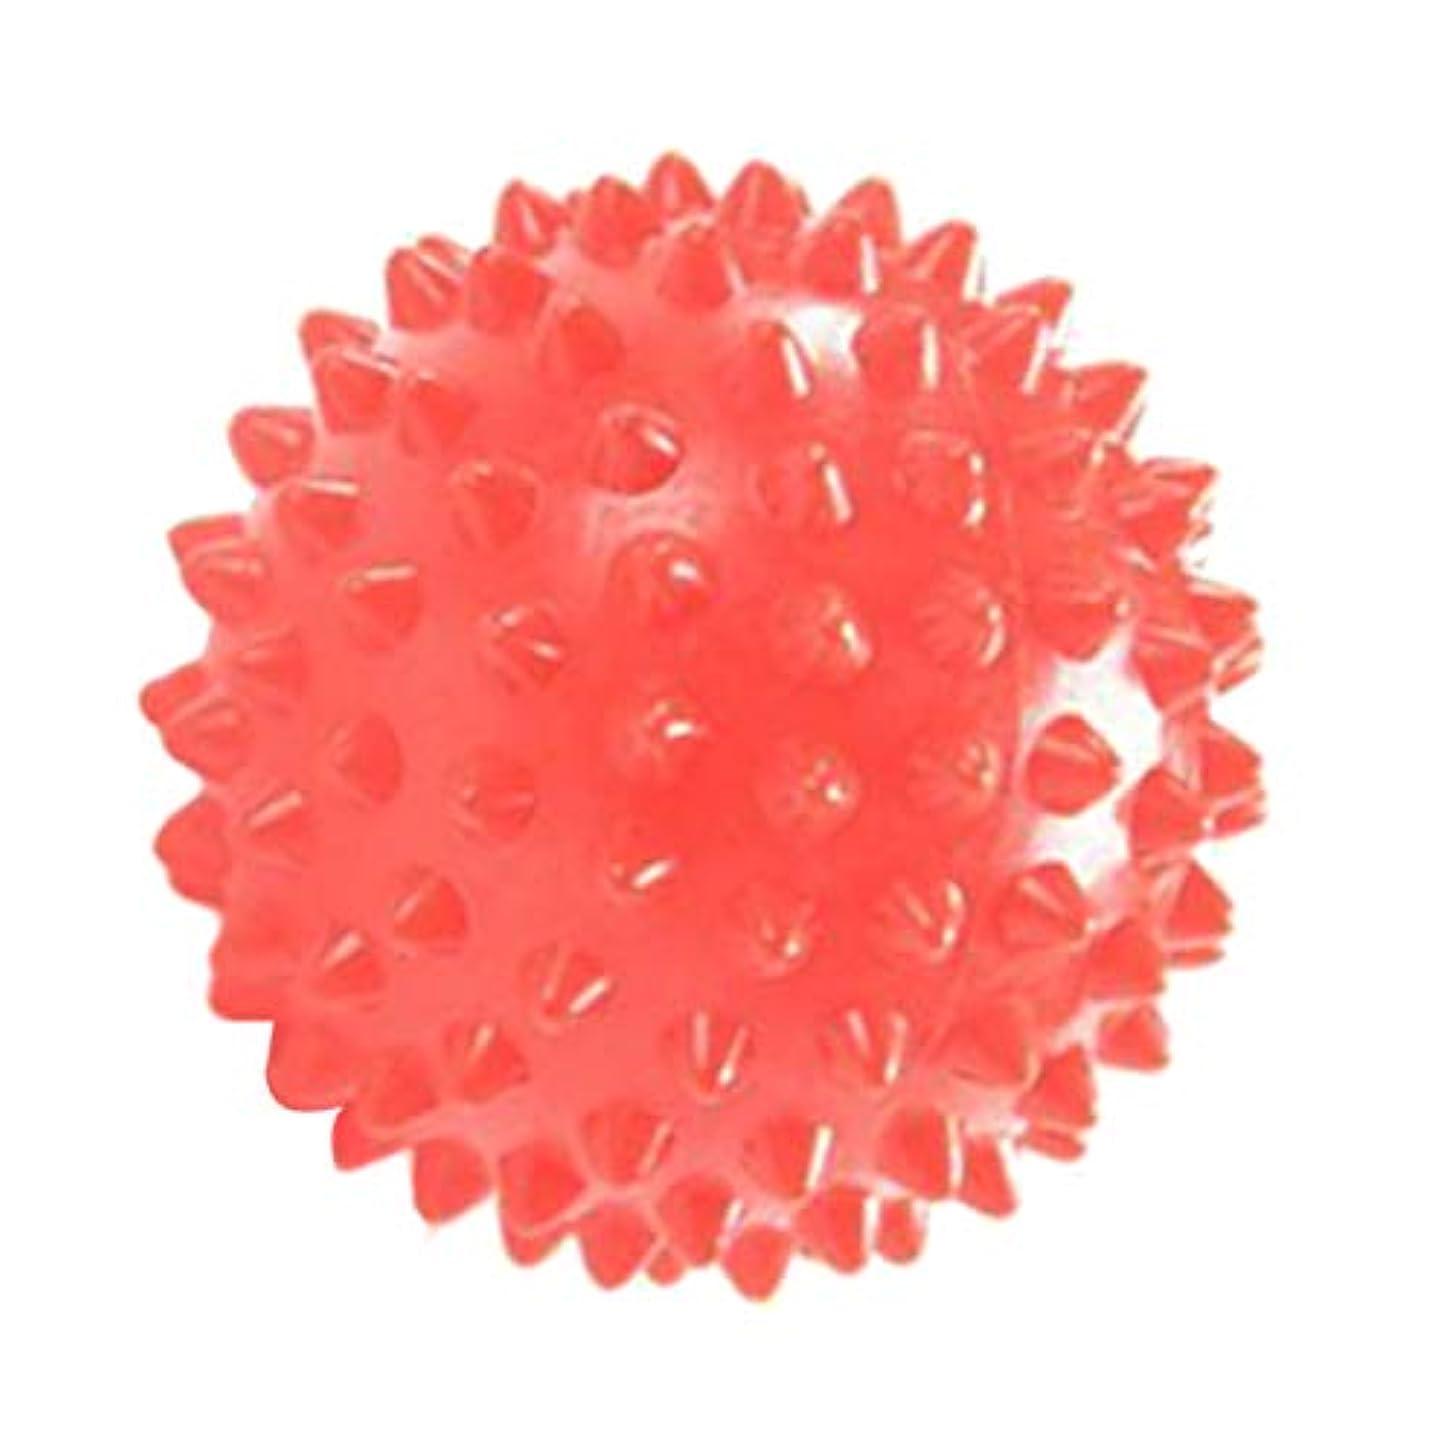 ピクニック憂鬱エクスタシーsharprepublic 指圧マッサージボール ローラーボール マッサージローラー トリガーポイント 疲労軽減 痛み緩和